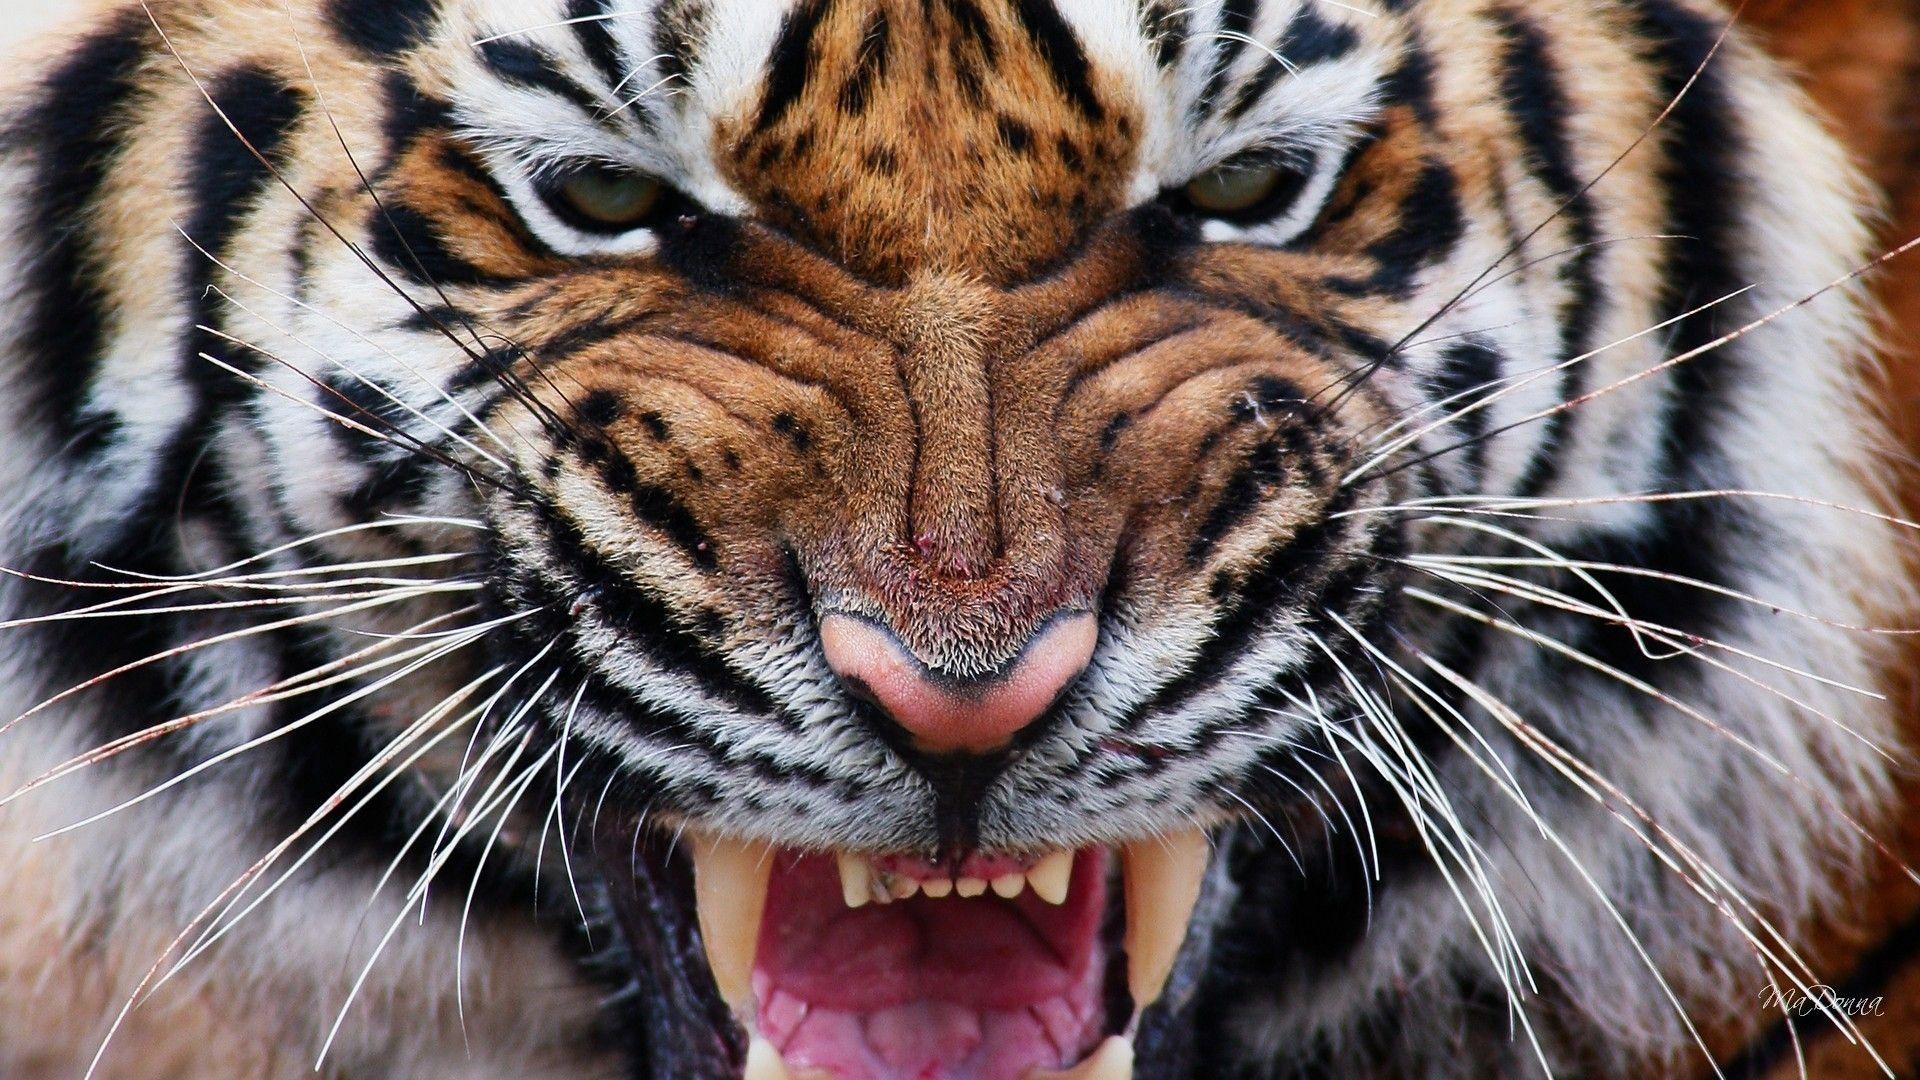 Tiger roars, HD Wallpaper